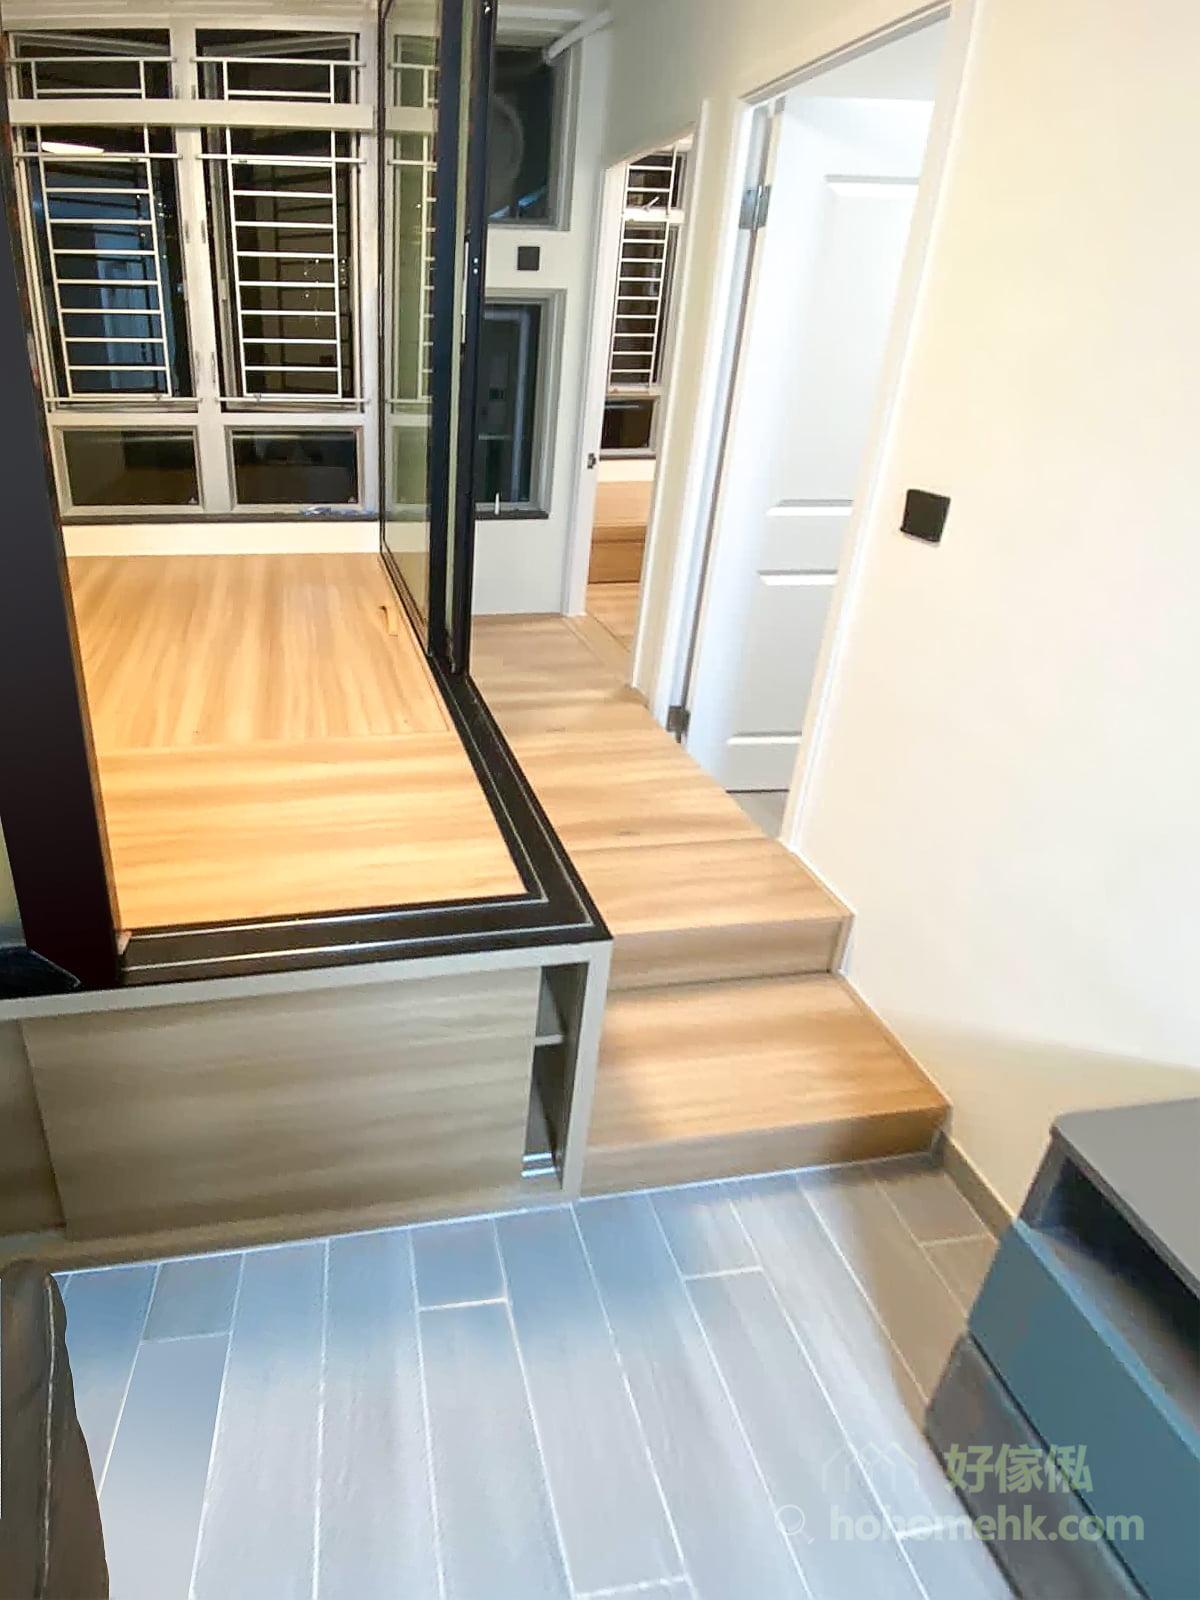 地台可用於空間劃分,暗示不同空間的不同用途和功能,但又不會像半身櫃或者牆體那麼硬生生地把空間割開